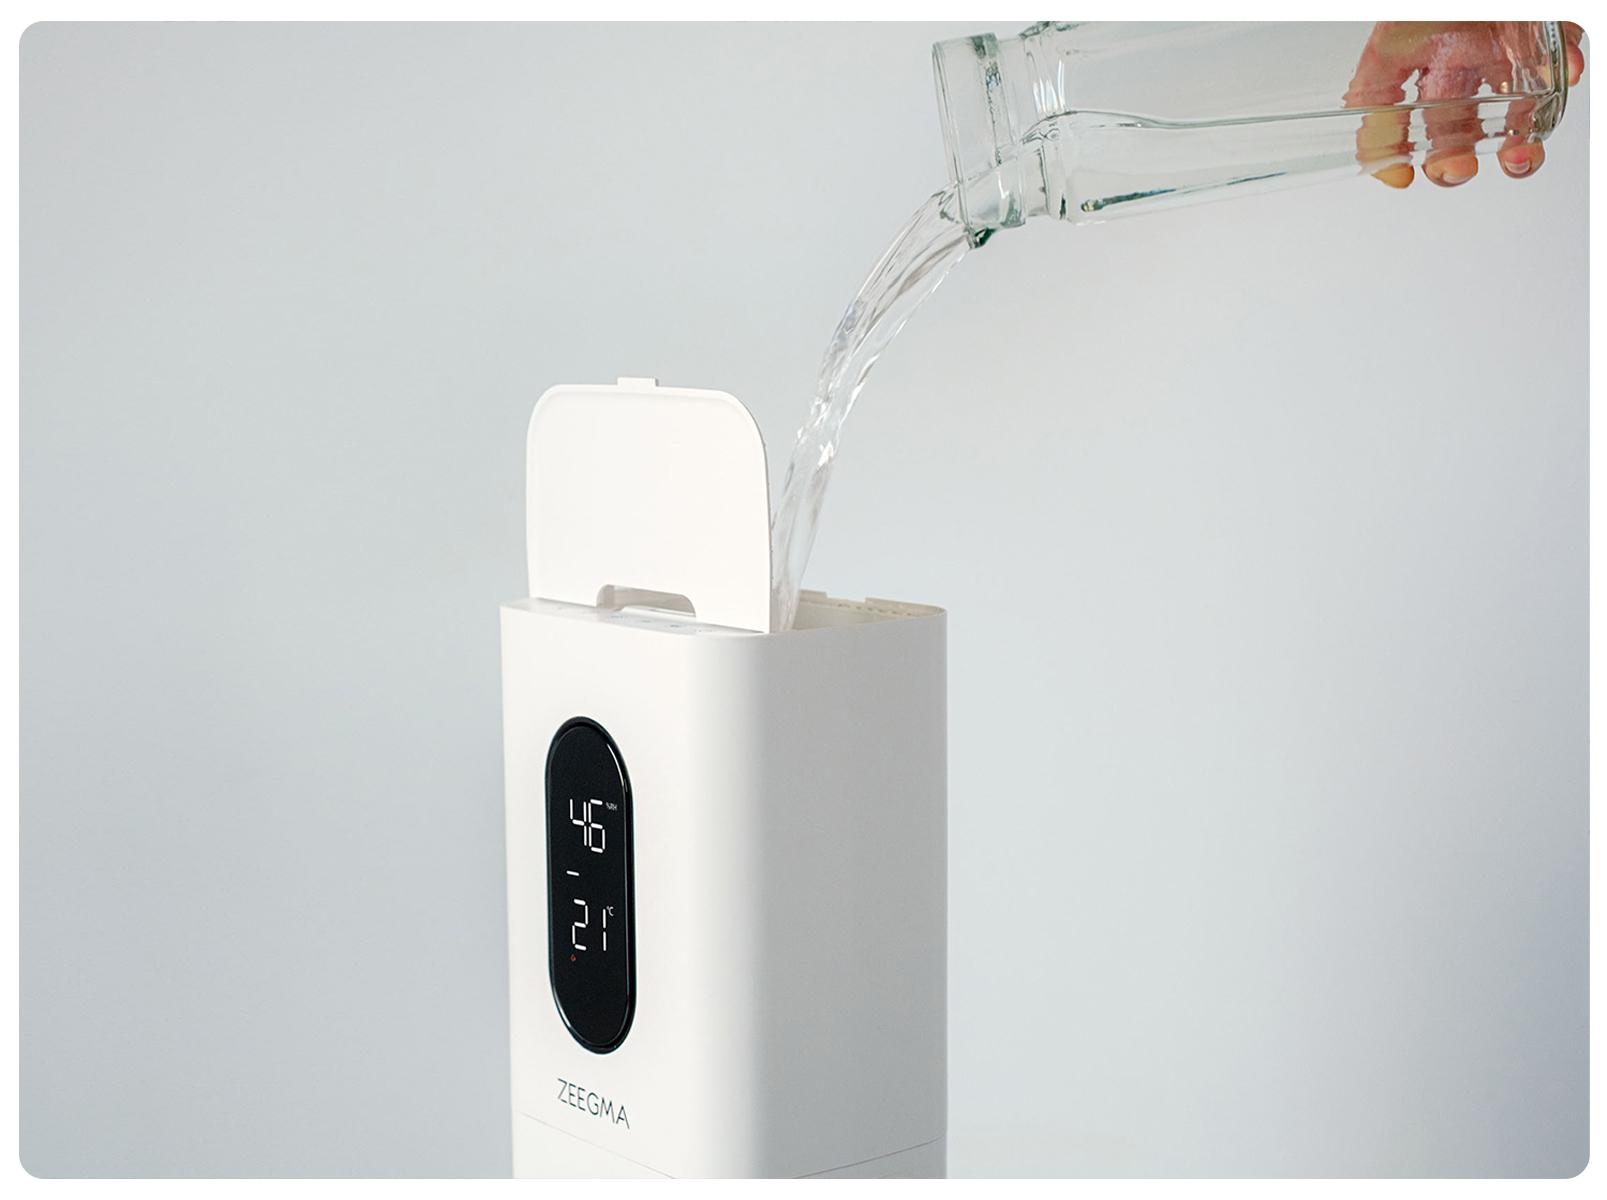 Nawilżacz powietrza Zeegma Vers UV